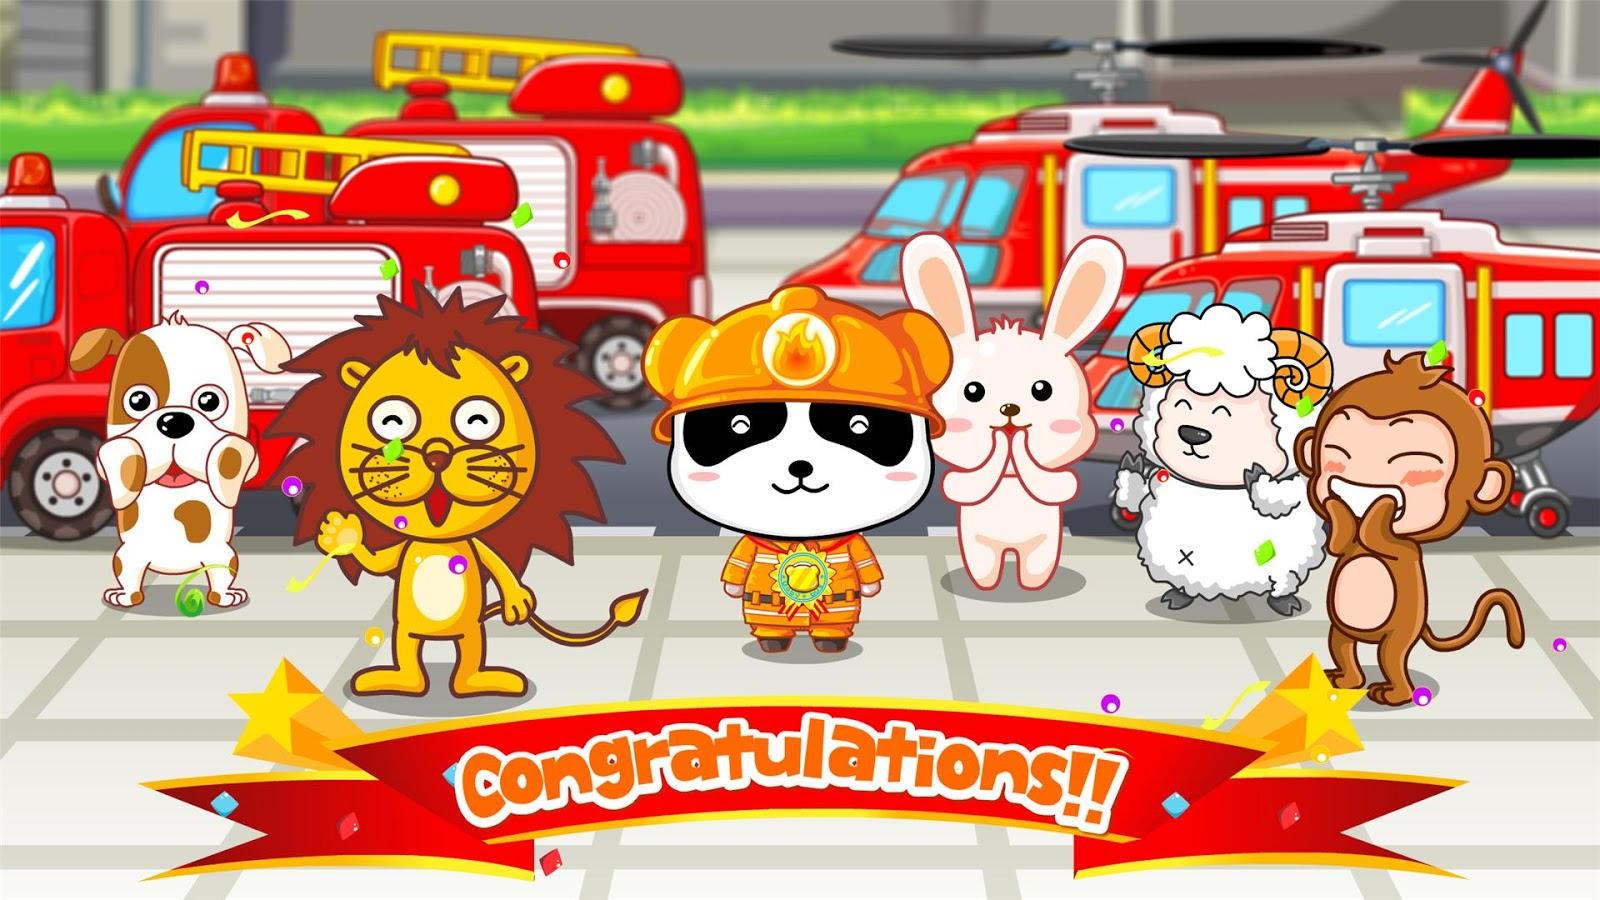 Little Fireman - Free for kids- screenshot